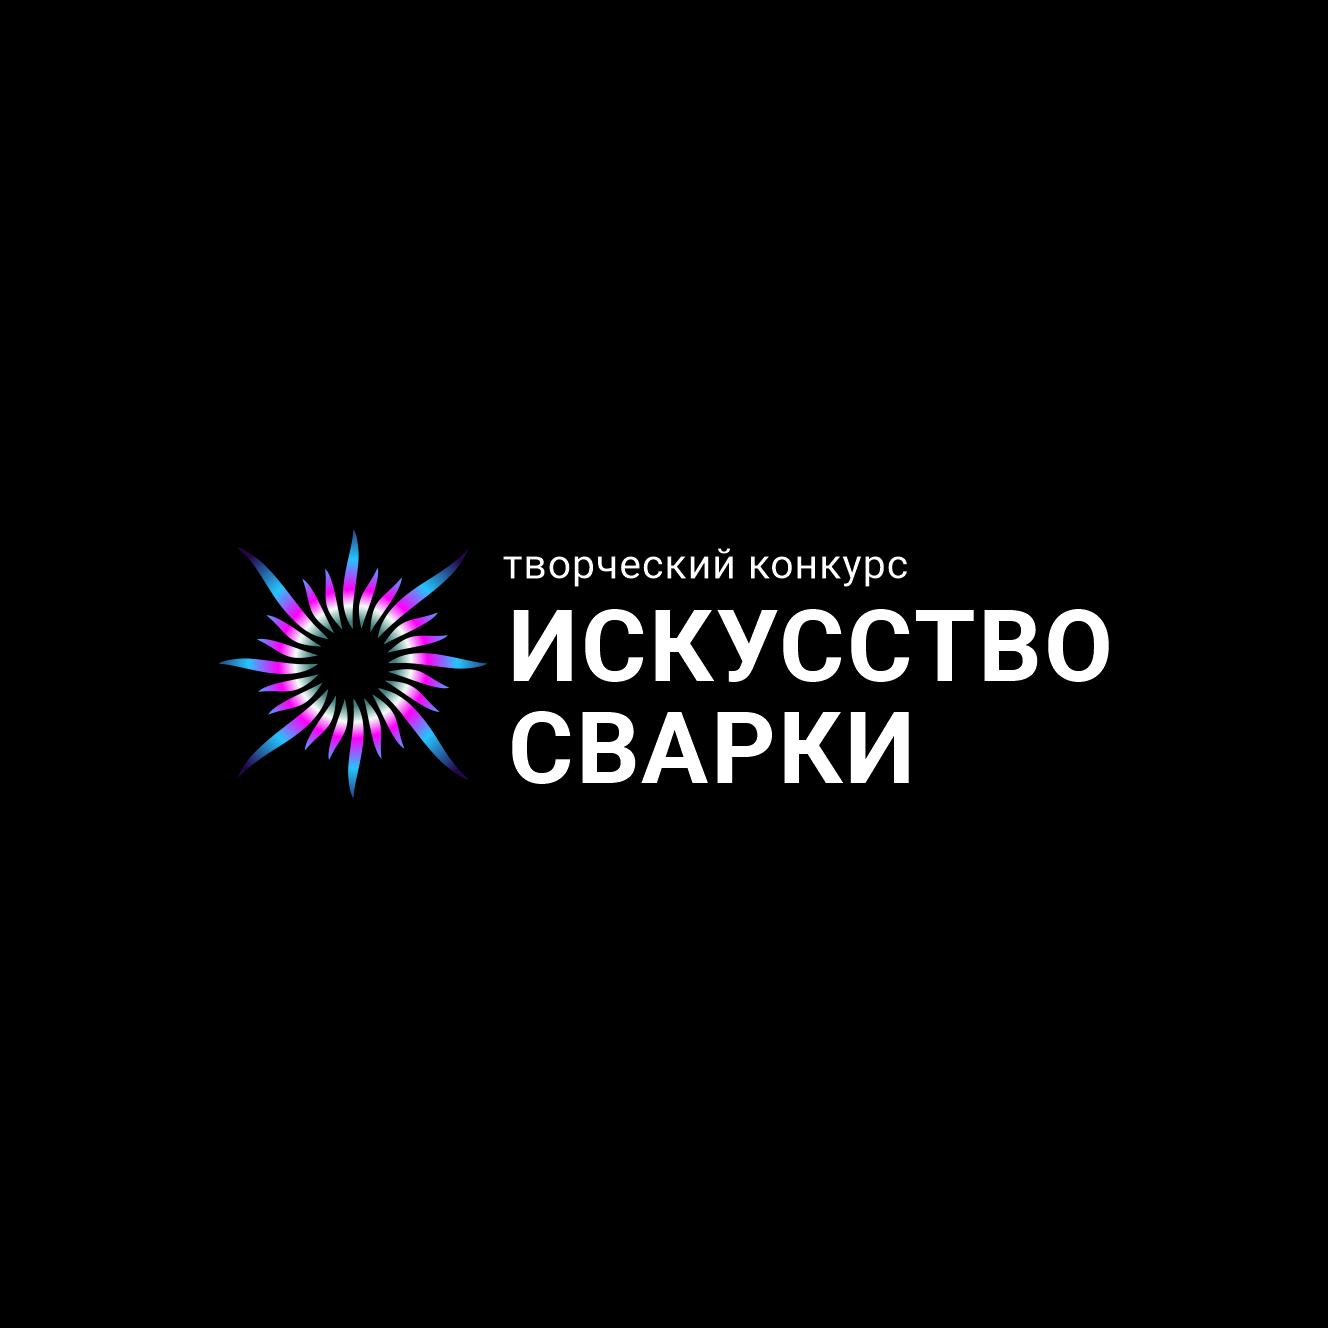 Разработка логотипа для Конкурса фото f_0415f707297d0070.png